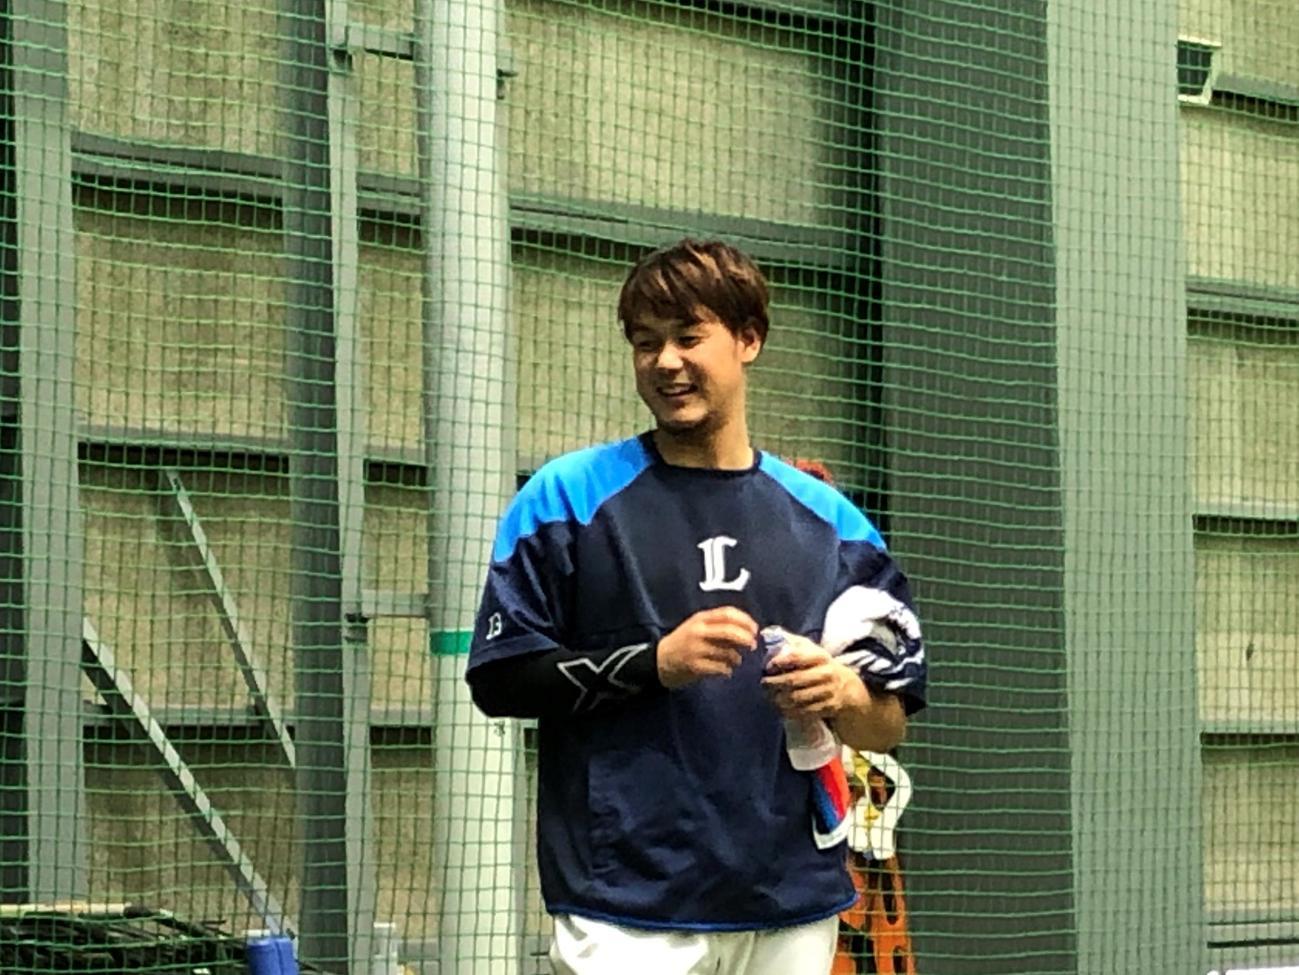 巨人との練習試合に向け、調整する西武高橋光成(球団提供)